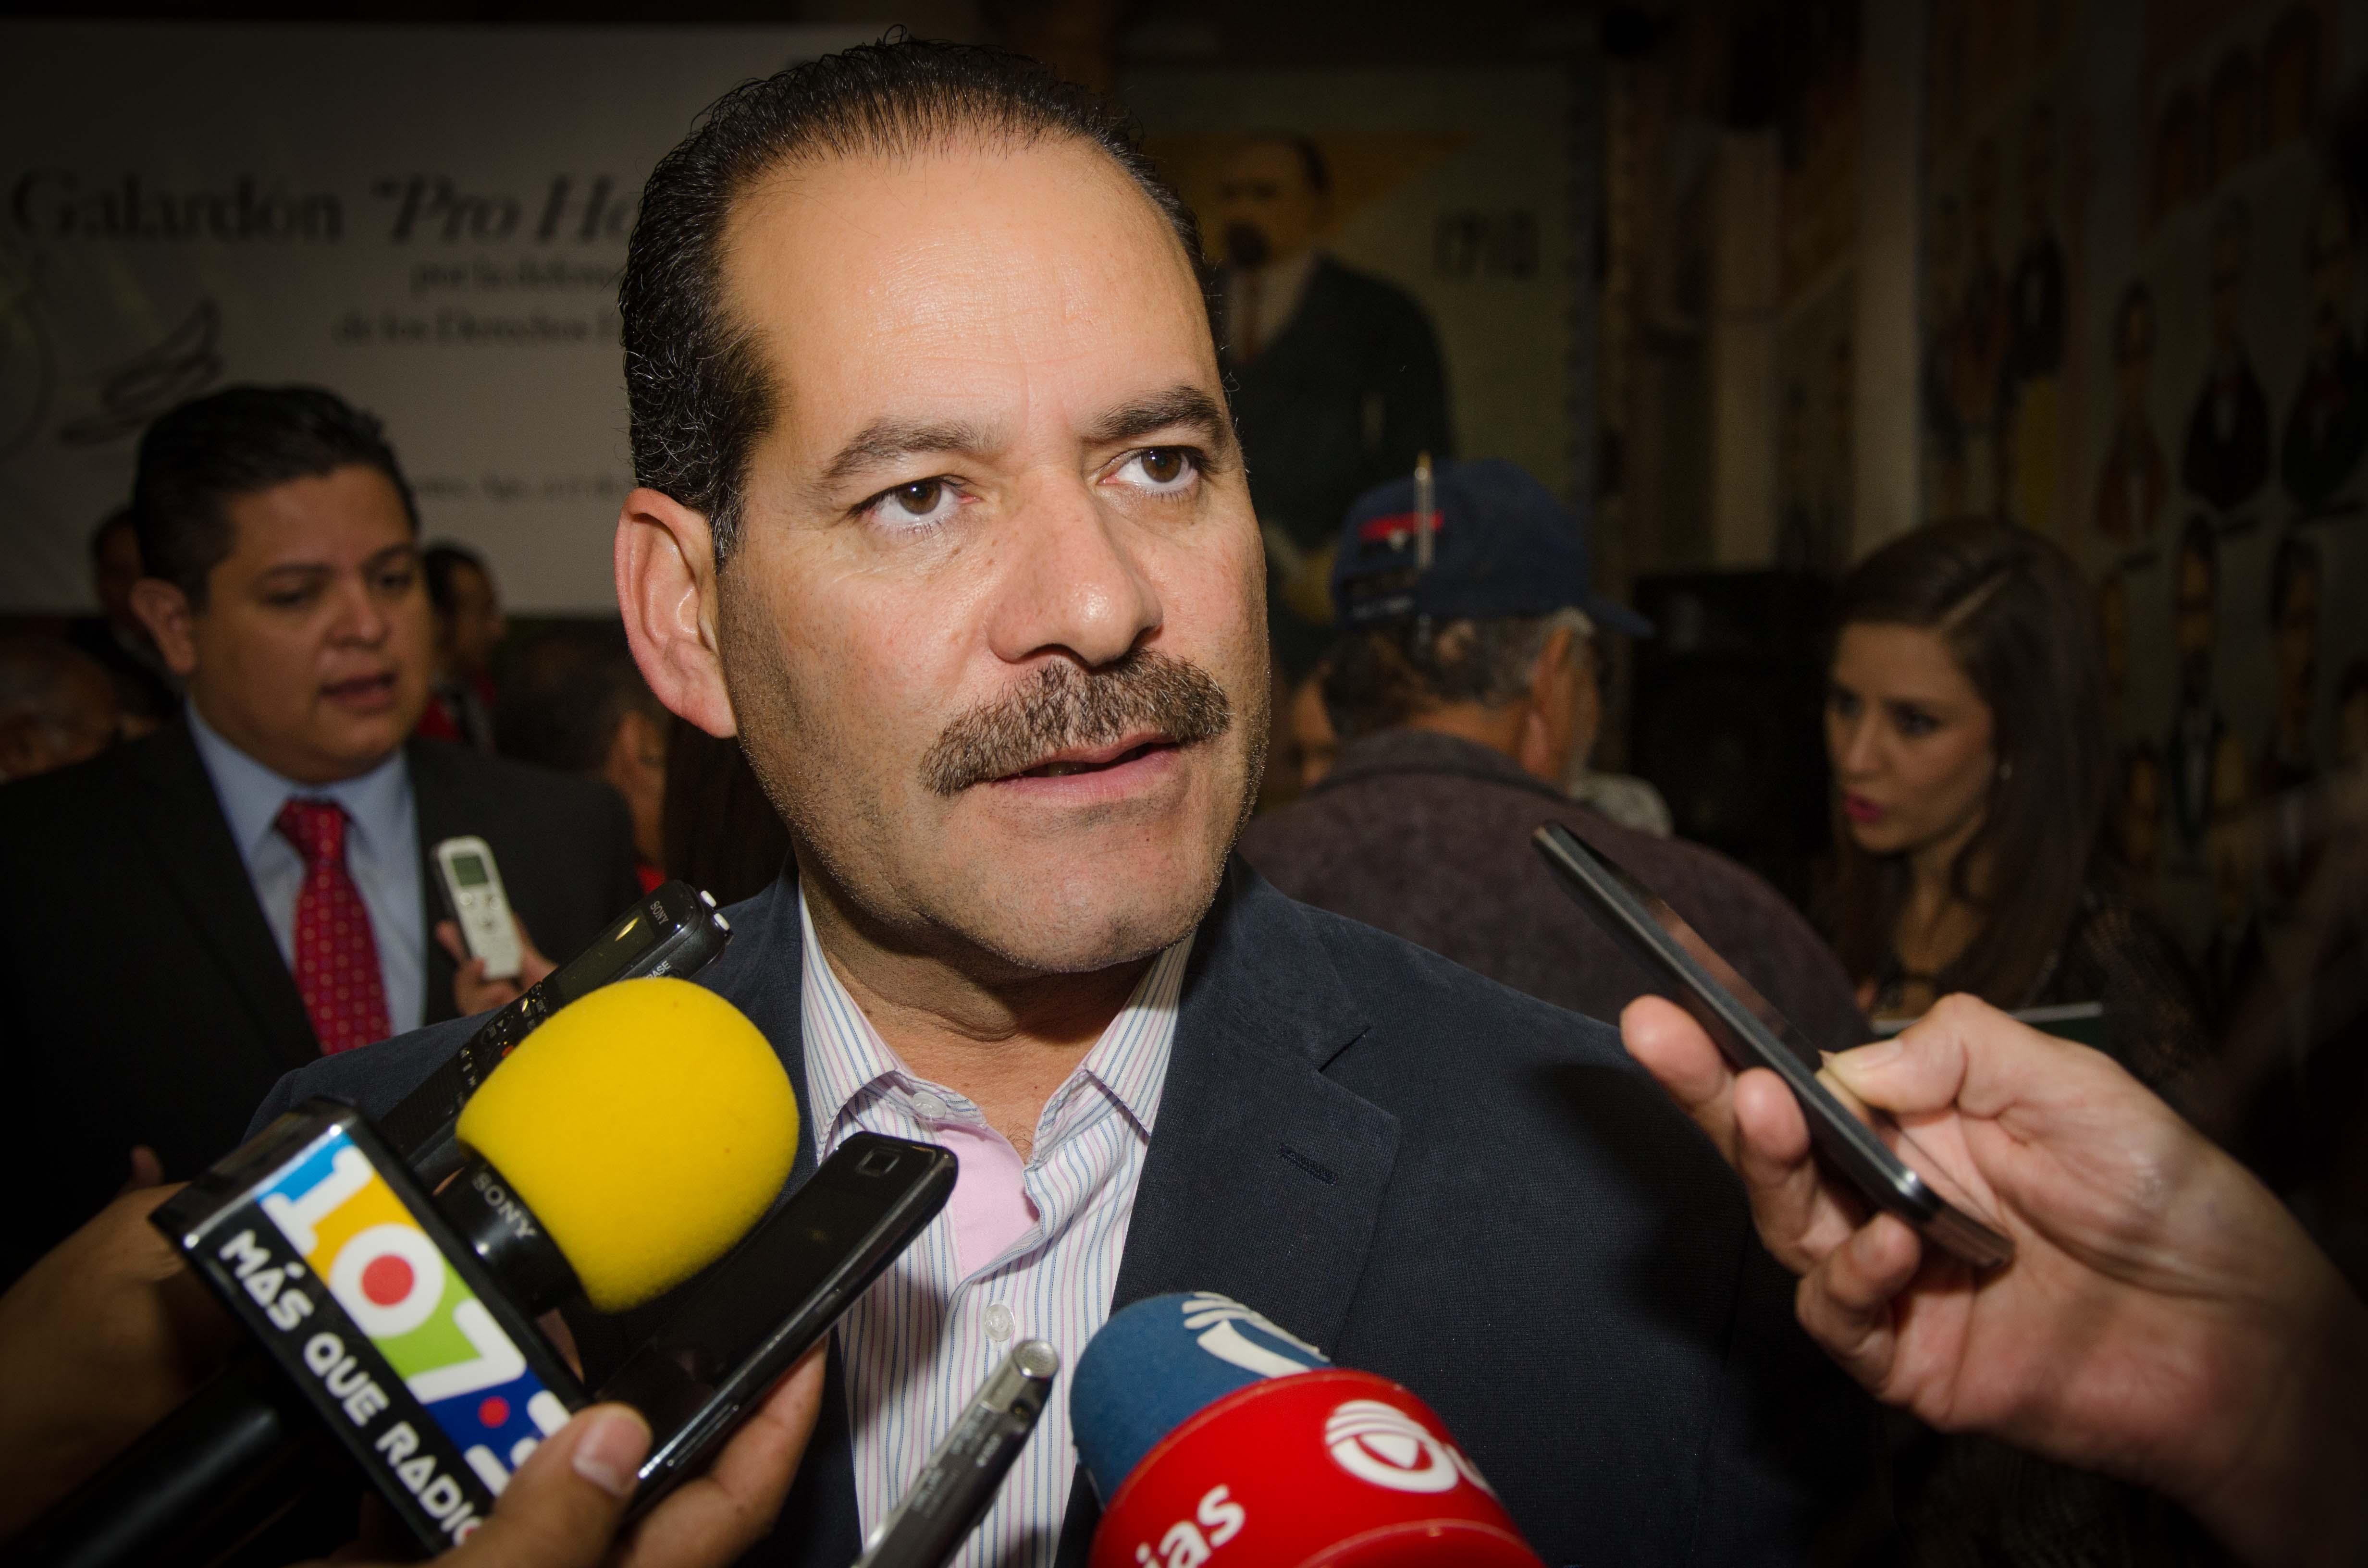 Exige Coparmex al gobernador cumplir con propuestas de campaña